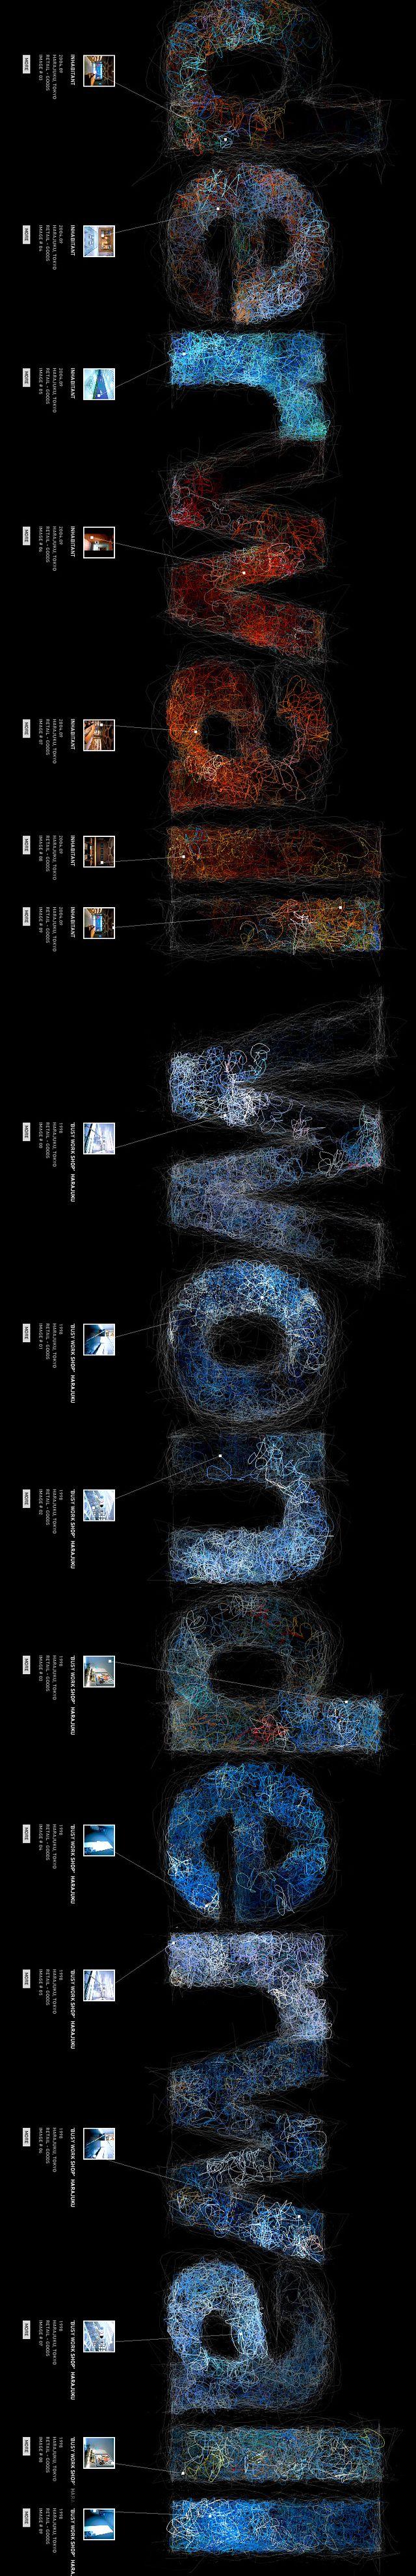 Wonderwall ScreenSaver: by Yugo Nakamura (tha ltd.)